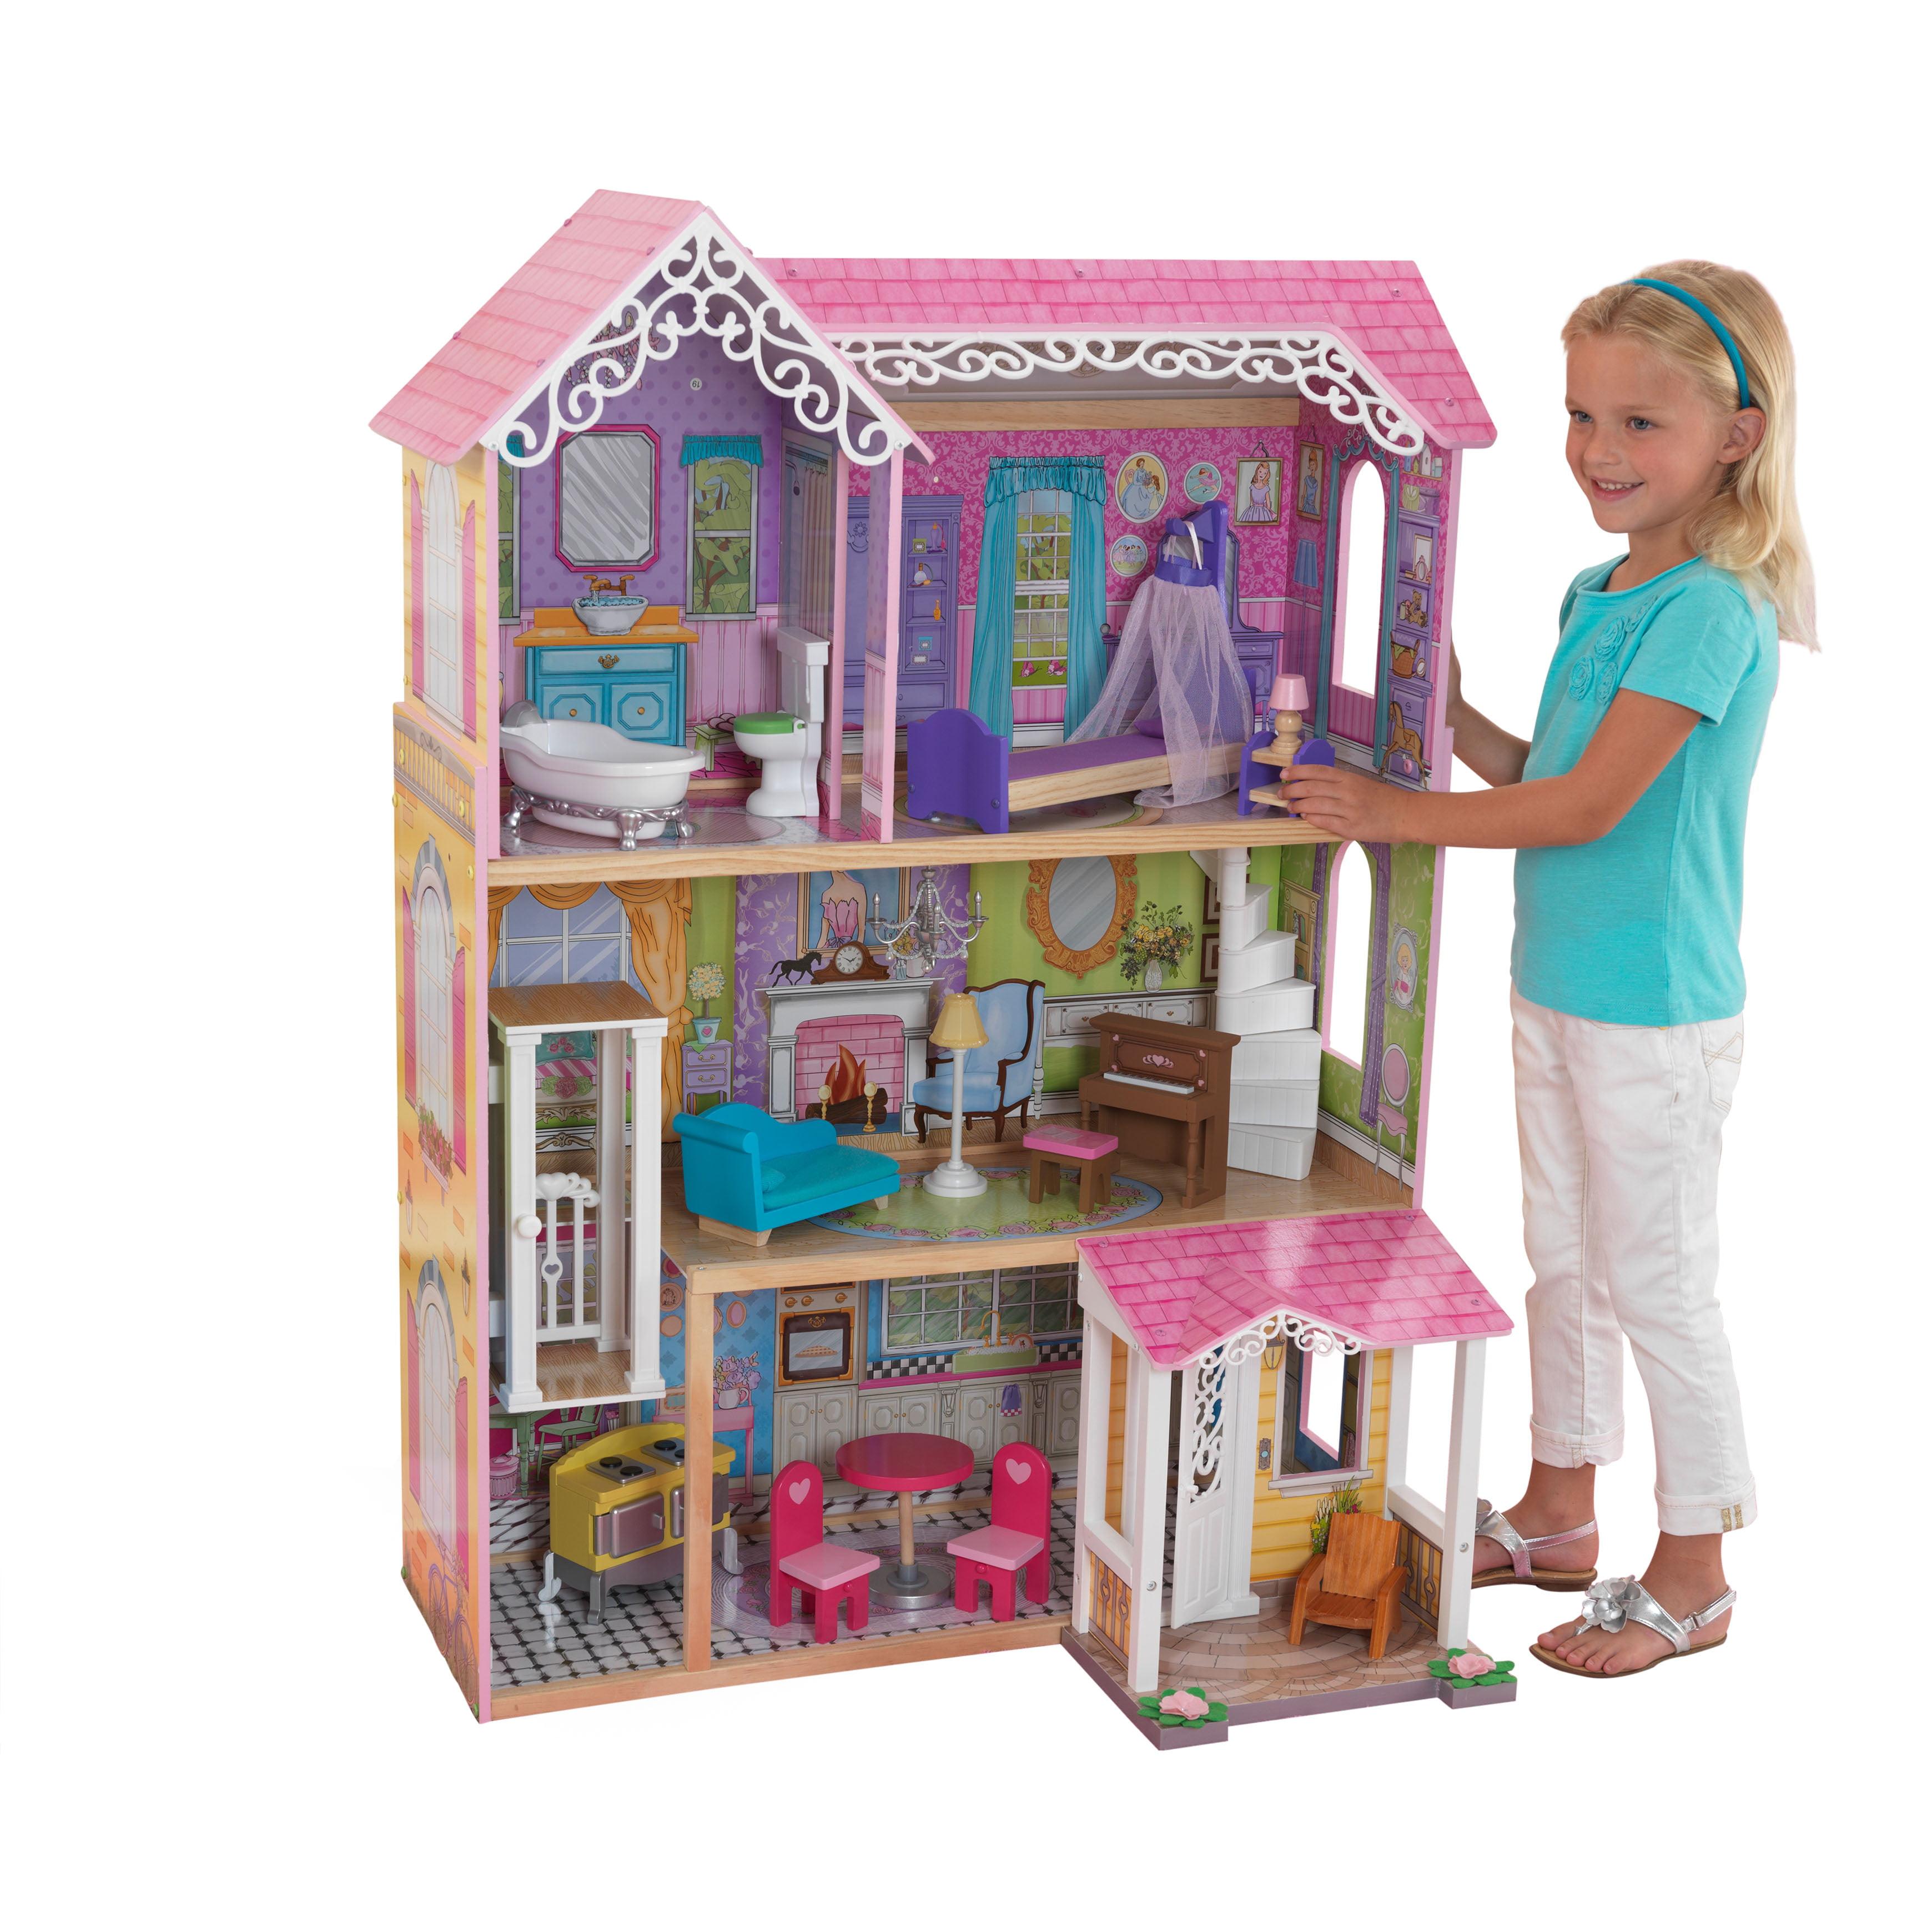 KidKraft Sweet & Pretty Dollhouse by KidKraft